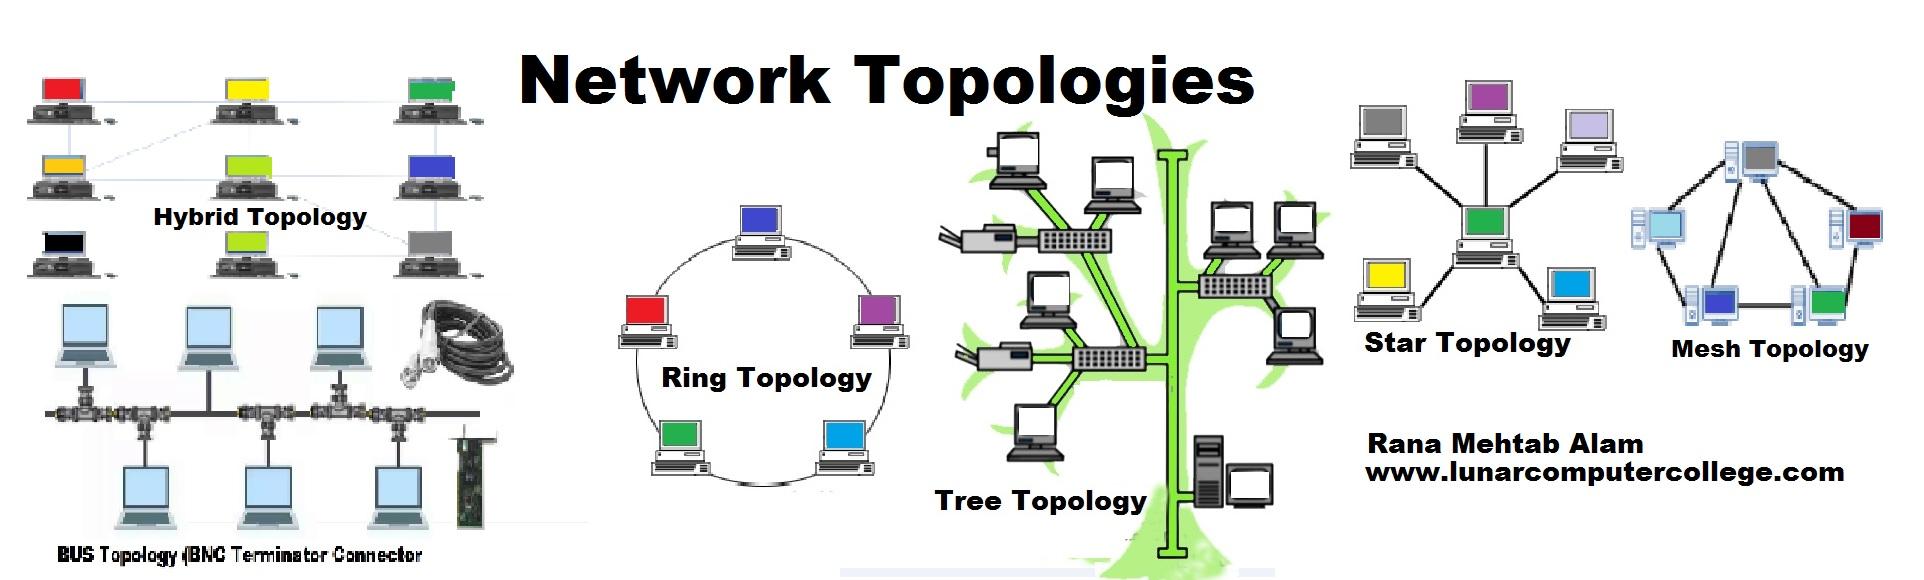 network typologies